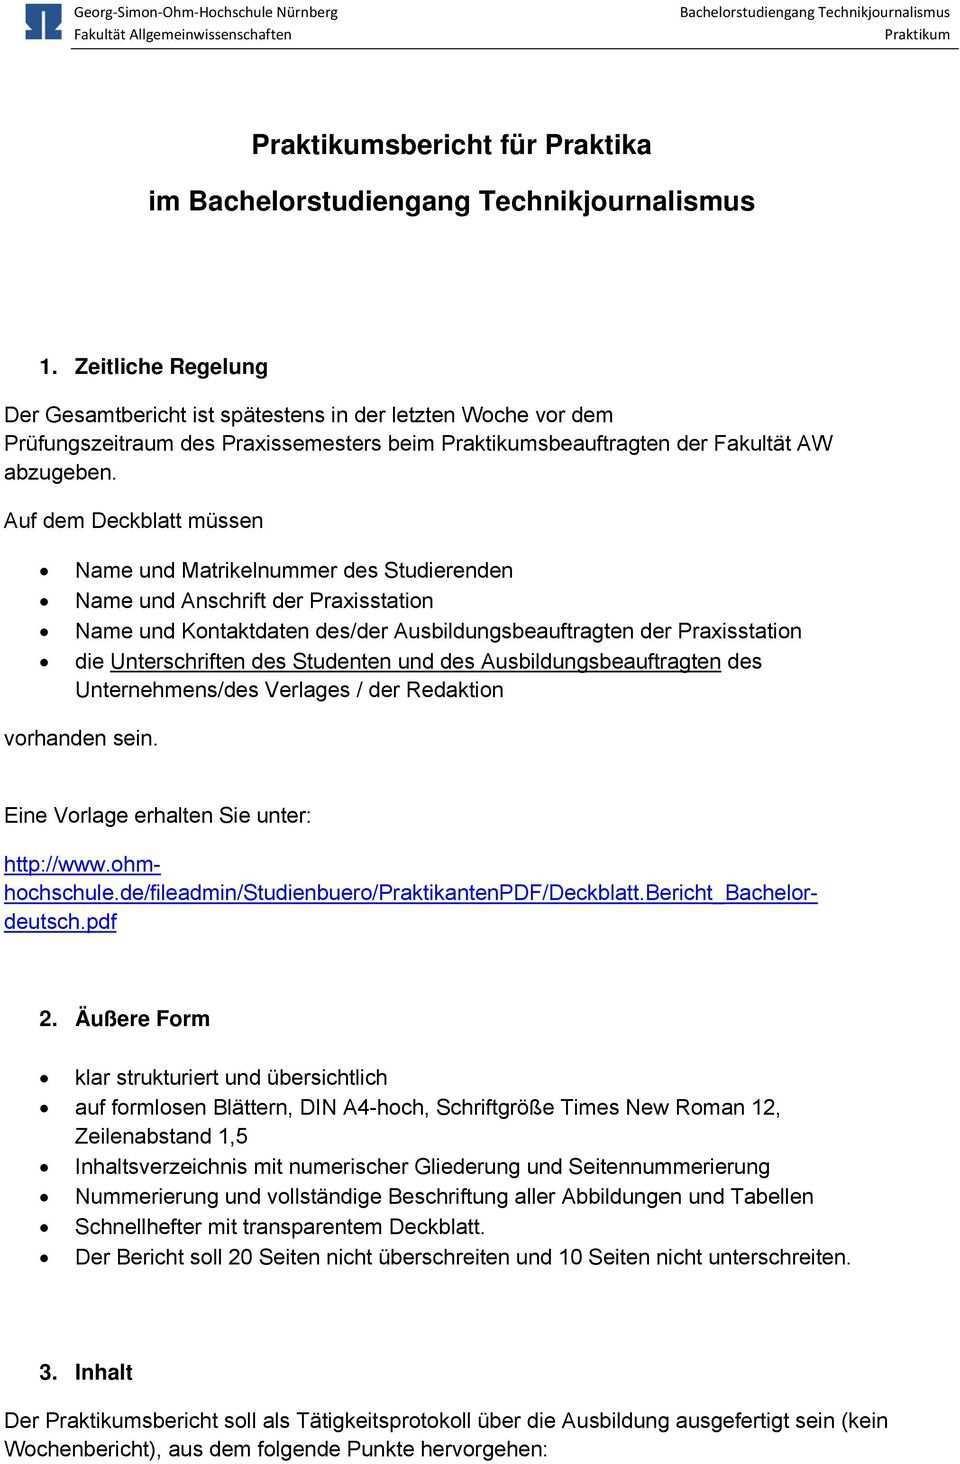 Praktikum Praktikumsbericht Bachelorstudiengang Technikjournalismus Btj Ansprechpartner Pdf Free Download